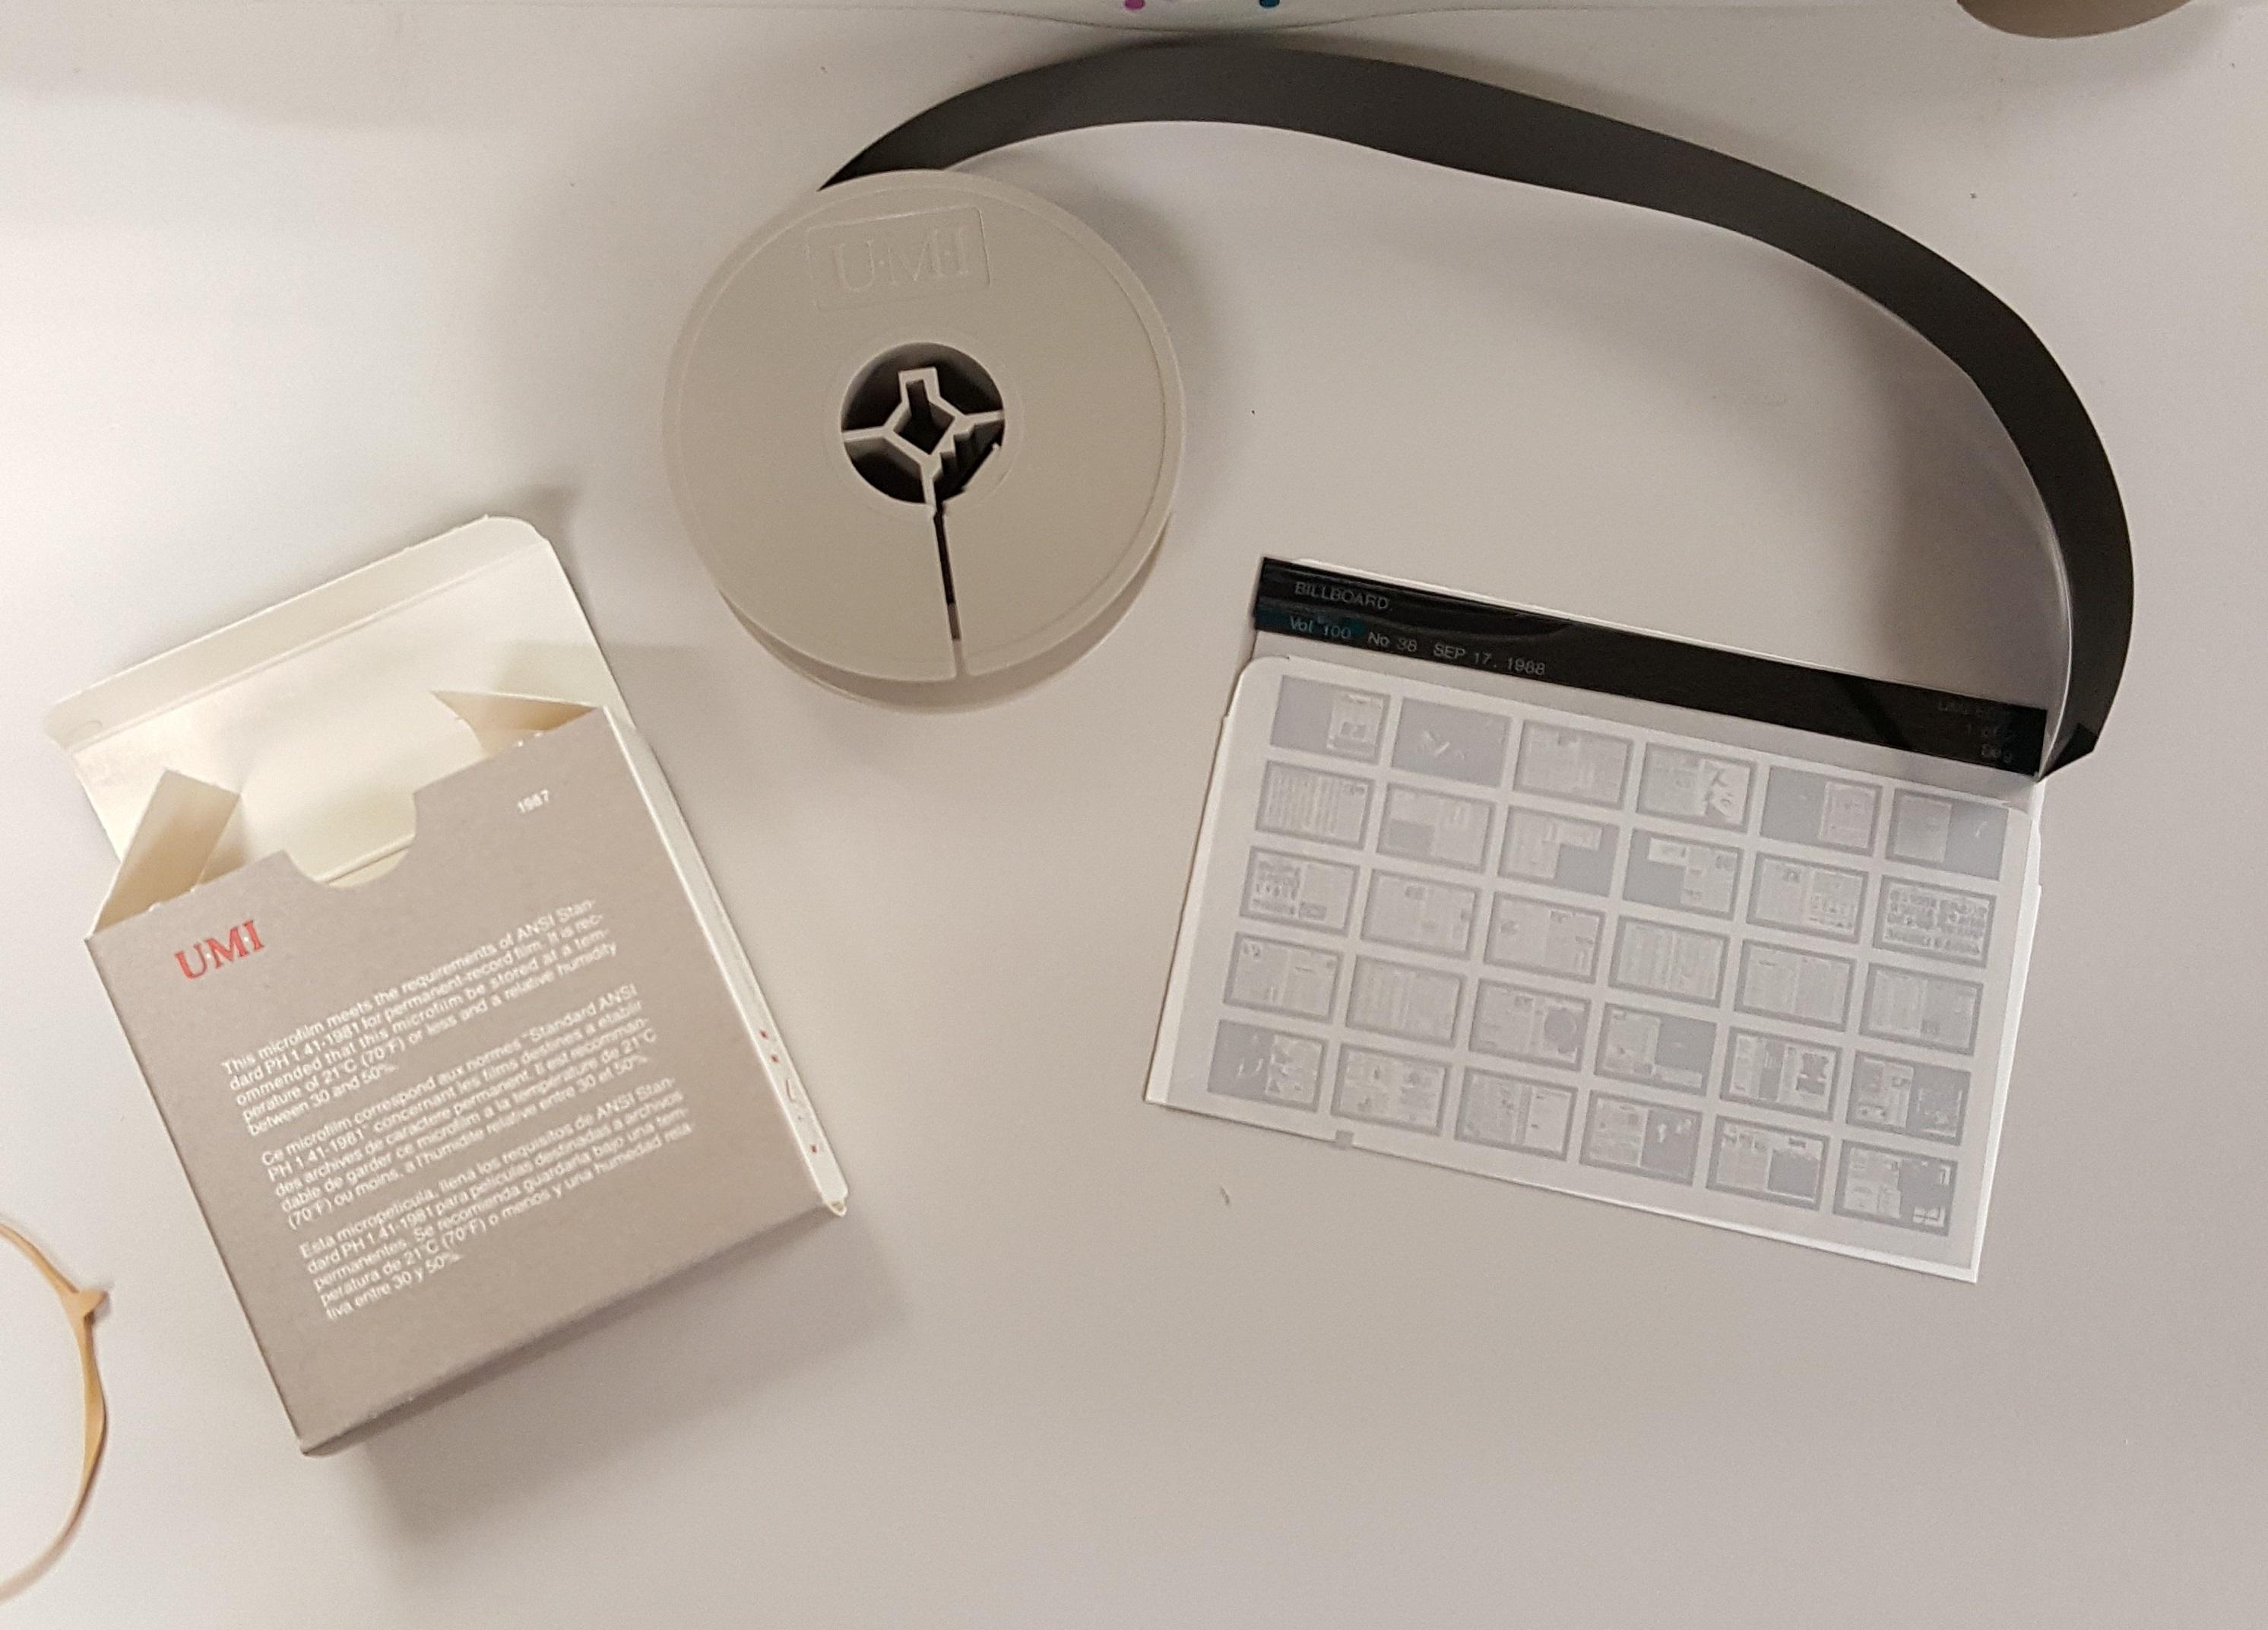 Microflim & Microfiche